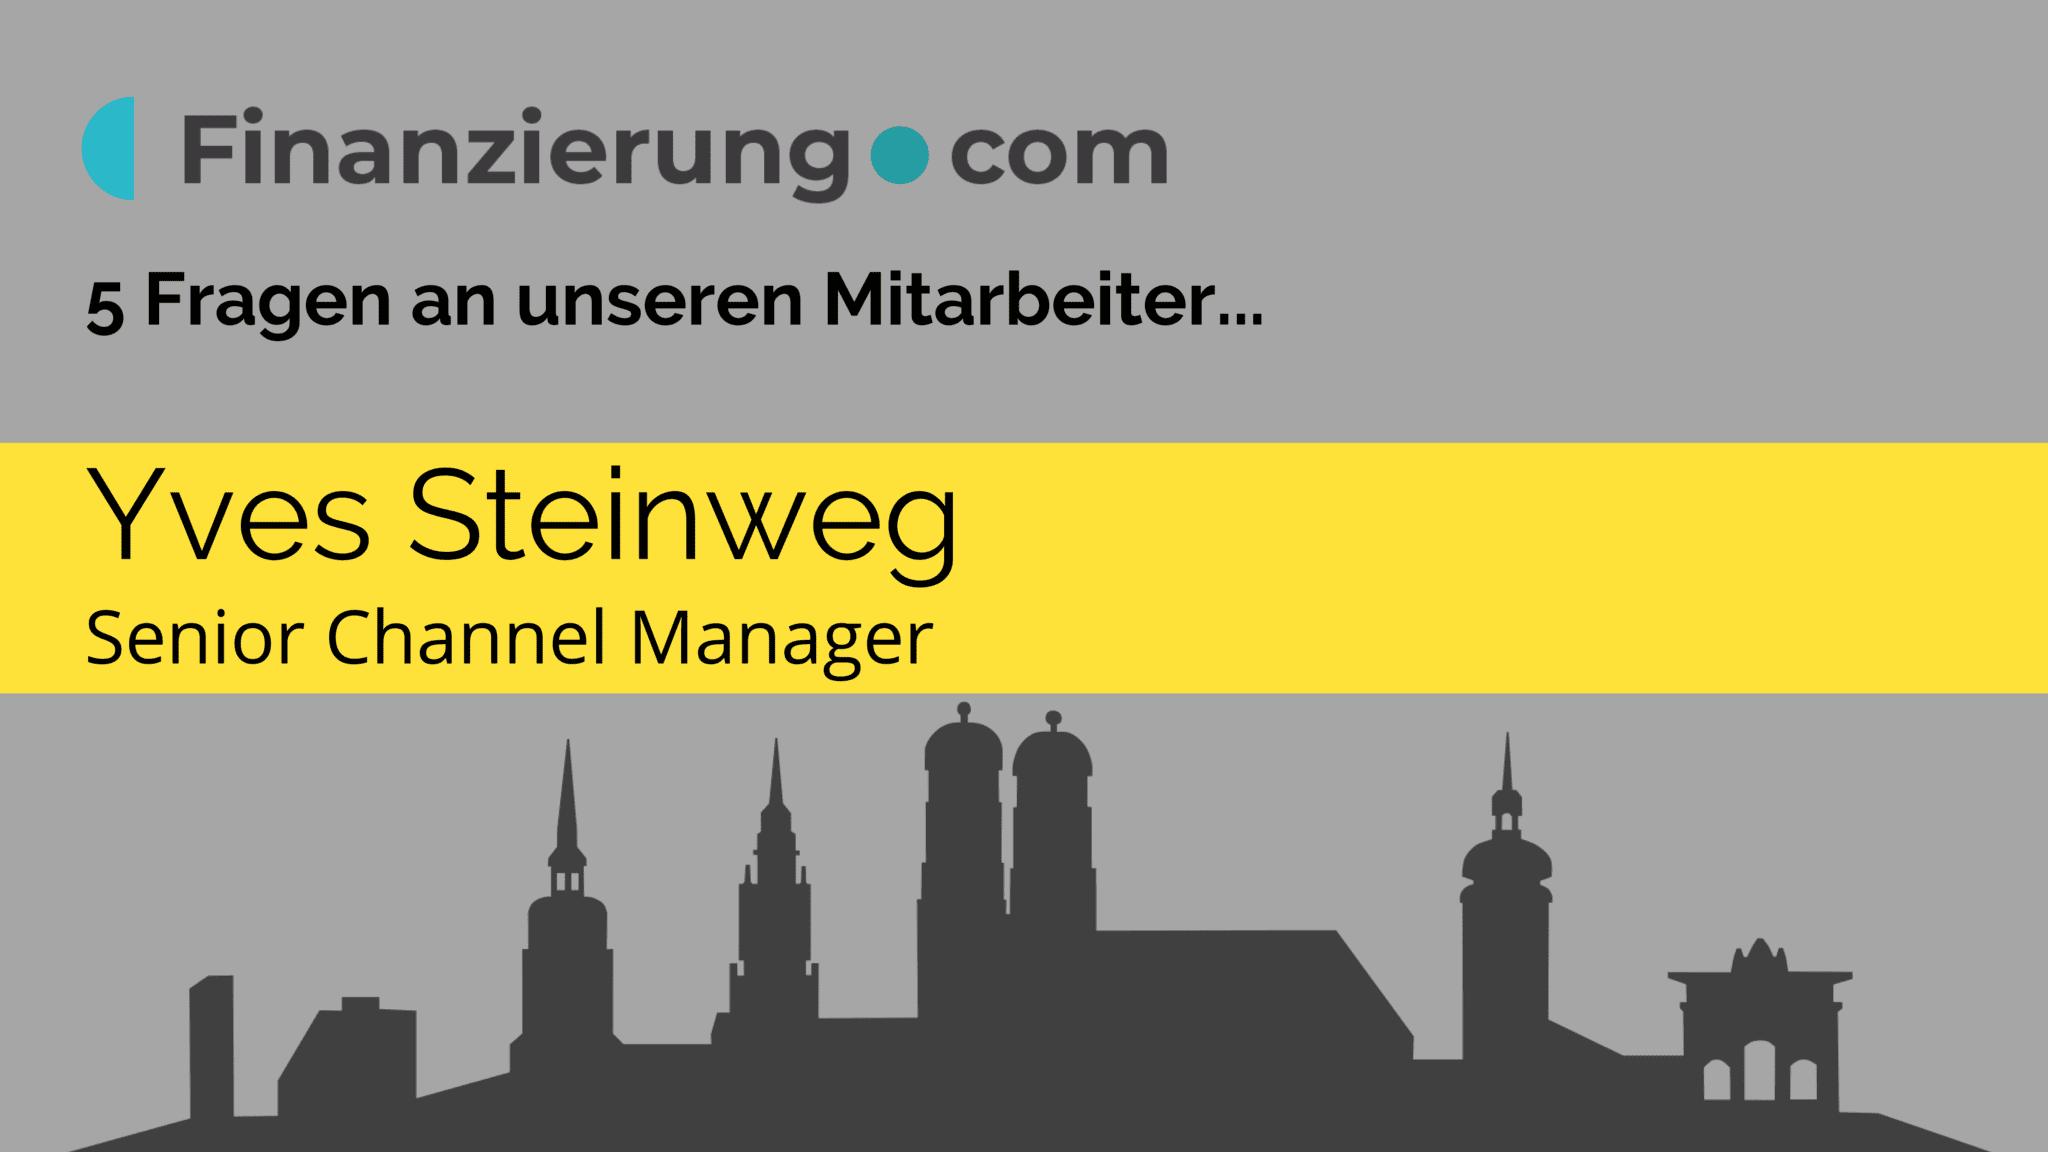 Yves Steinweg